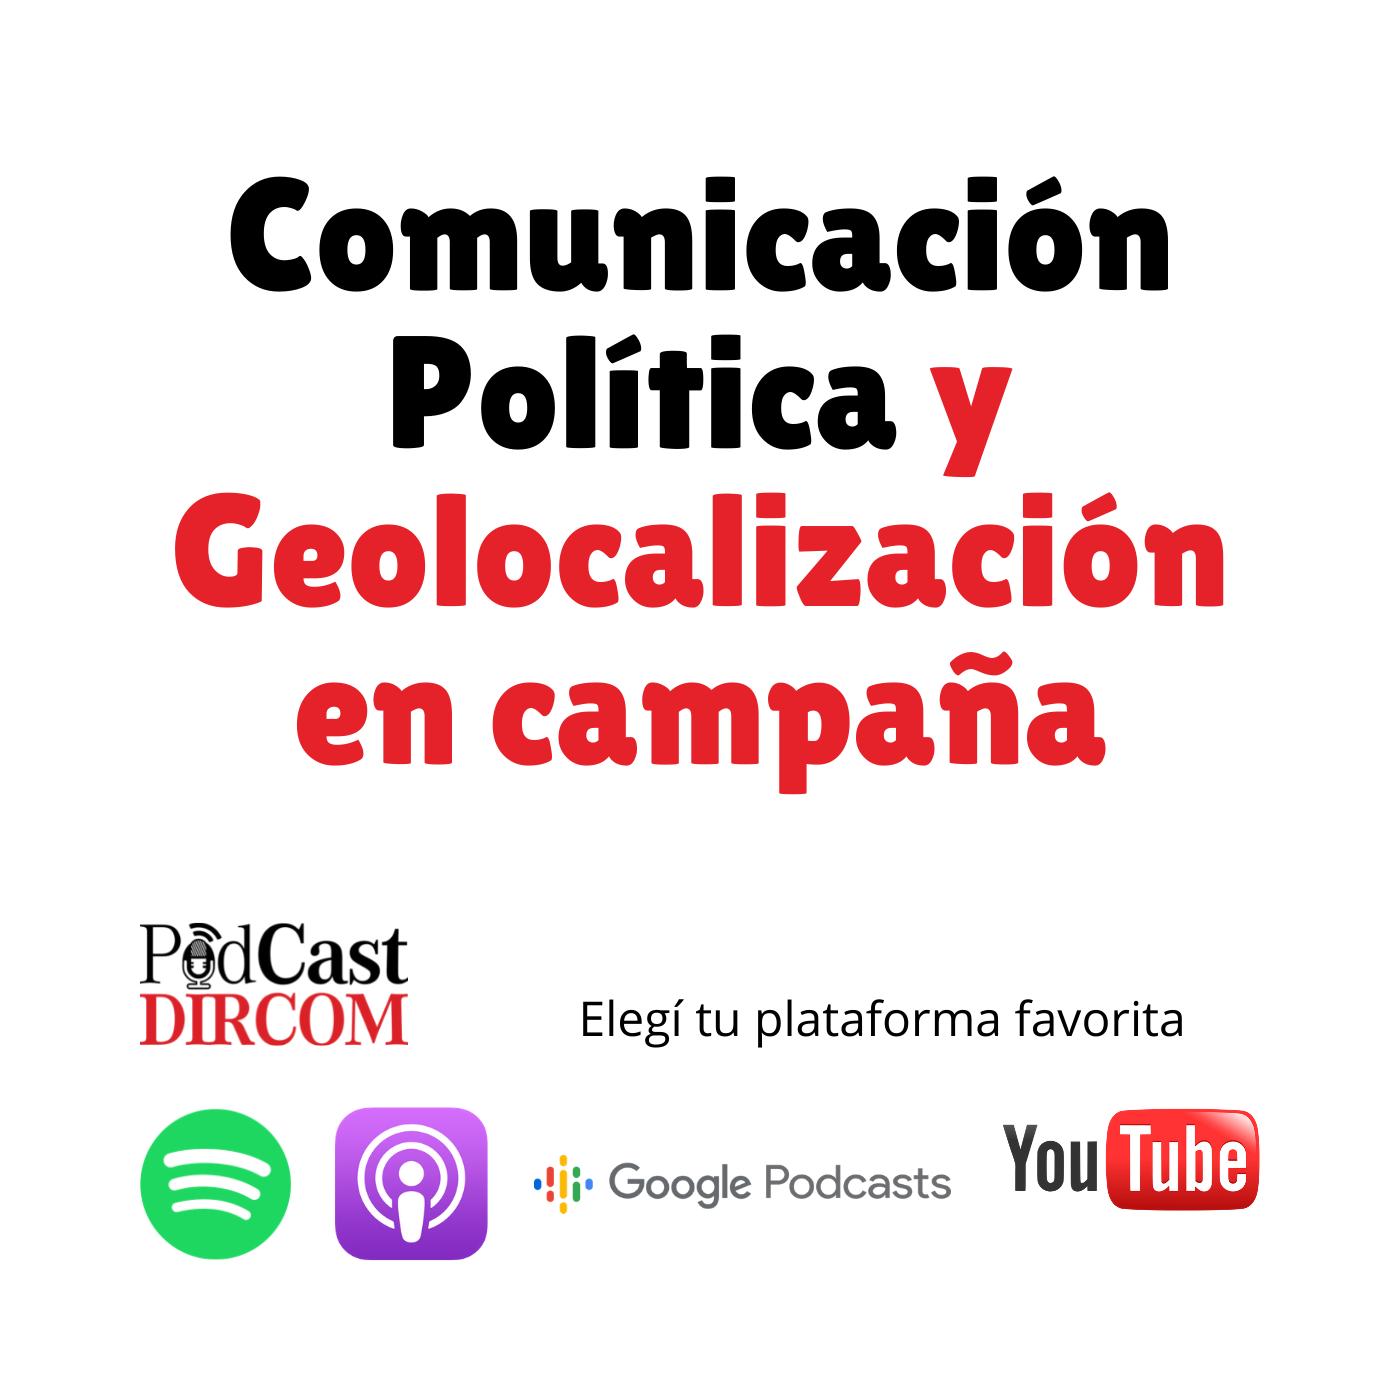 Comunicación Política y Geolocalización en campaña